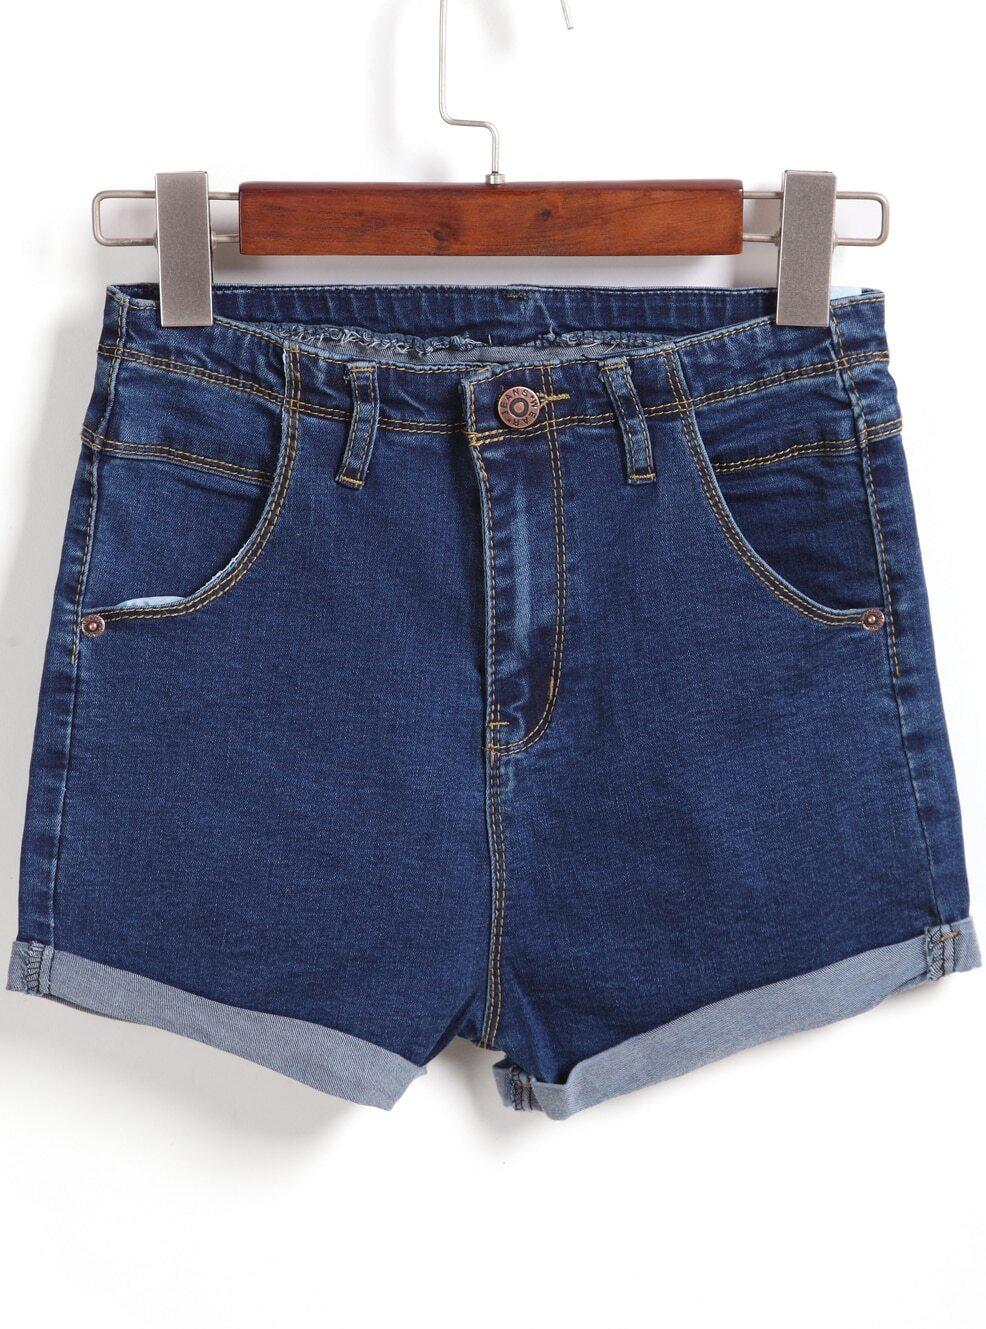 Navy Pockets Flange Denim Shorts